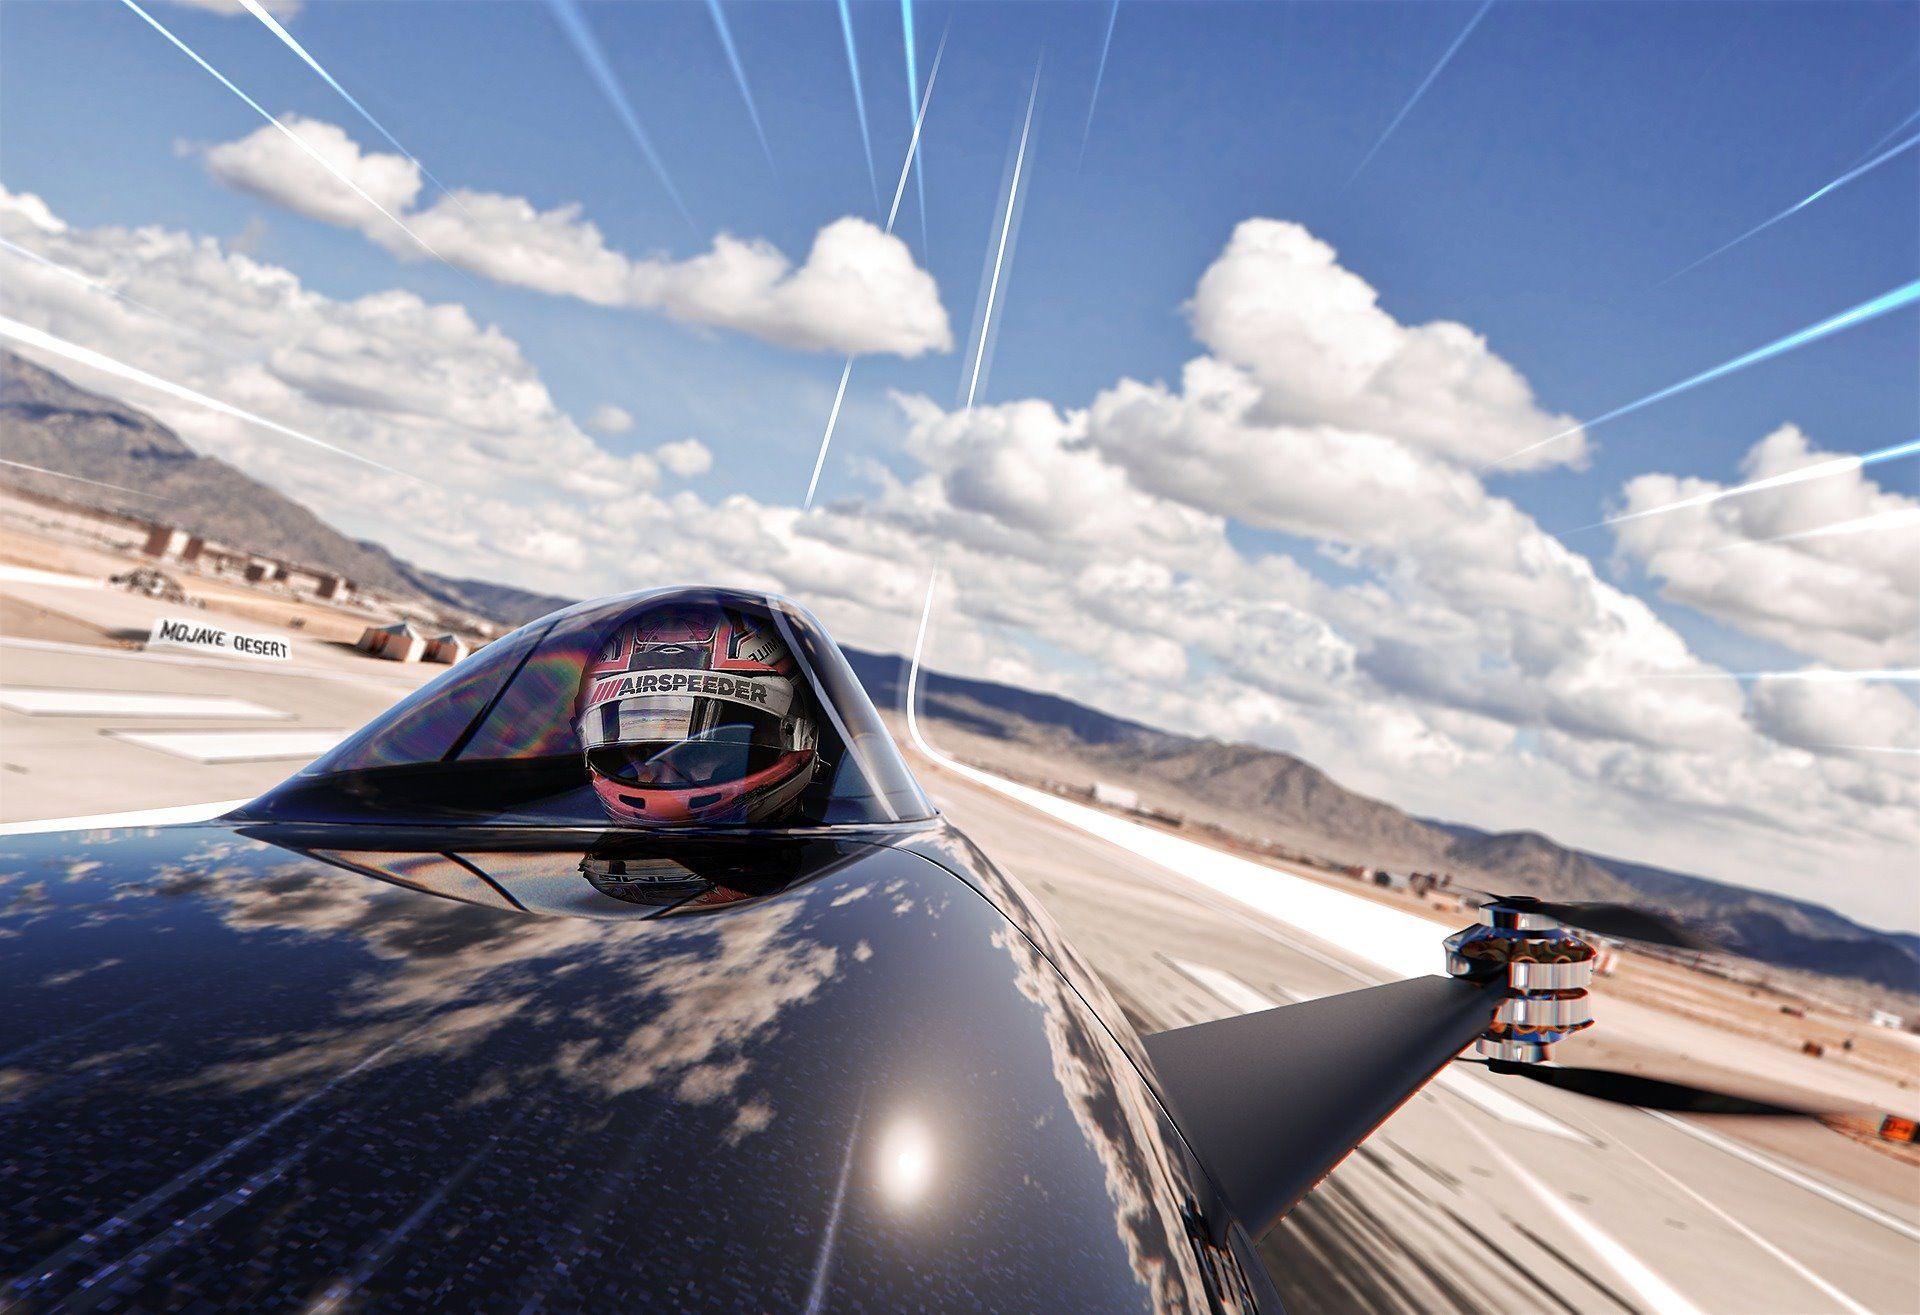 Οδηγός μέσα στο ηλεκτρικό Airspeeder